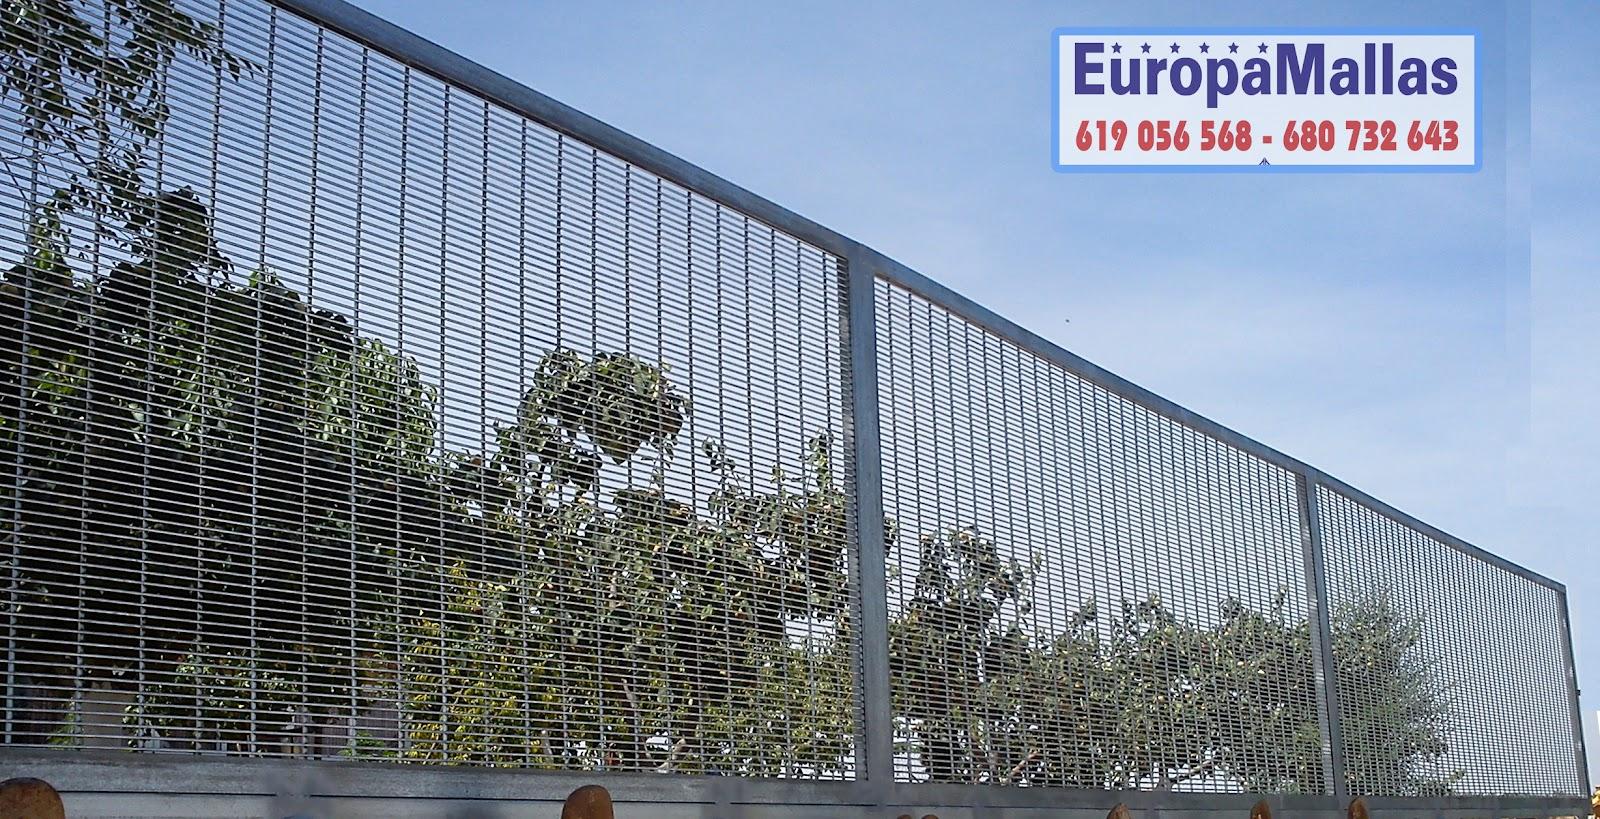 cerramientos metalicos europamallas: CERRAMIENTO PAÑOS ENMARCADOS TUPIDO